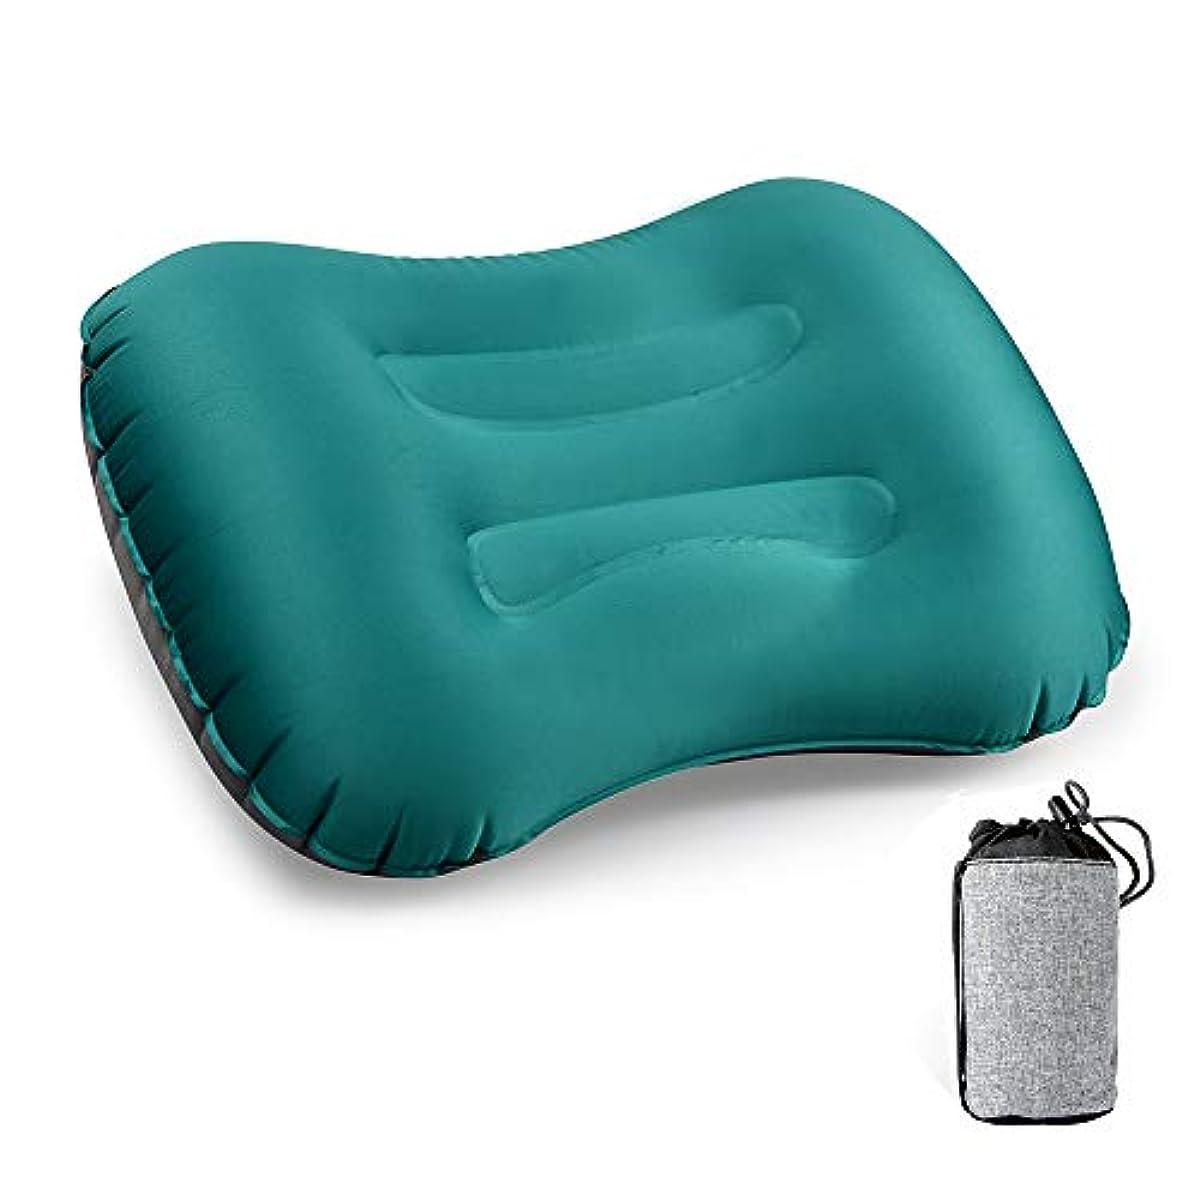 [해외] 에어 pillow,CCYCCL 초경량 콤팩트 부드럽 캠프침 공기침 휴대 쿠션 여행캠프차 안박아웃도어 수납 파우치 부착